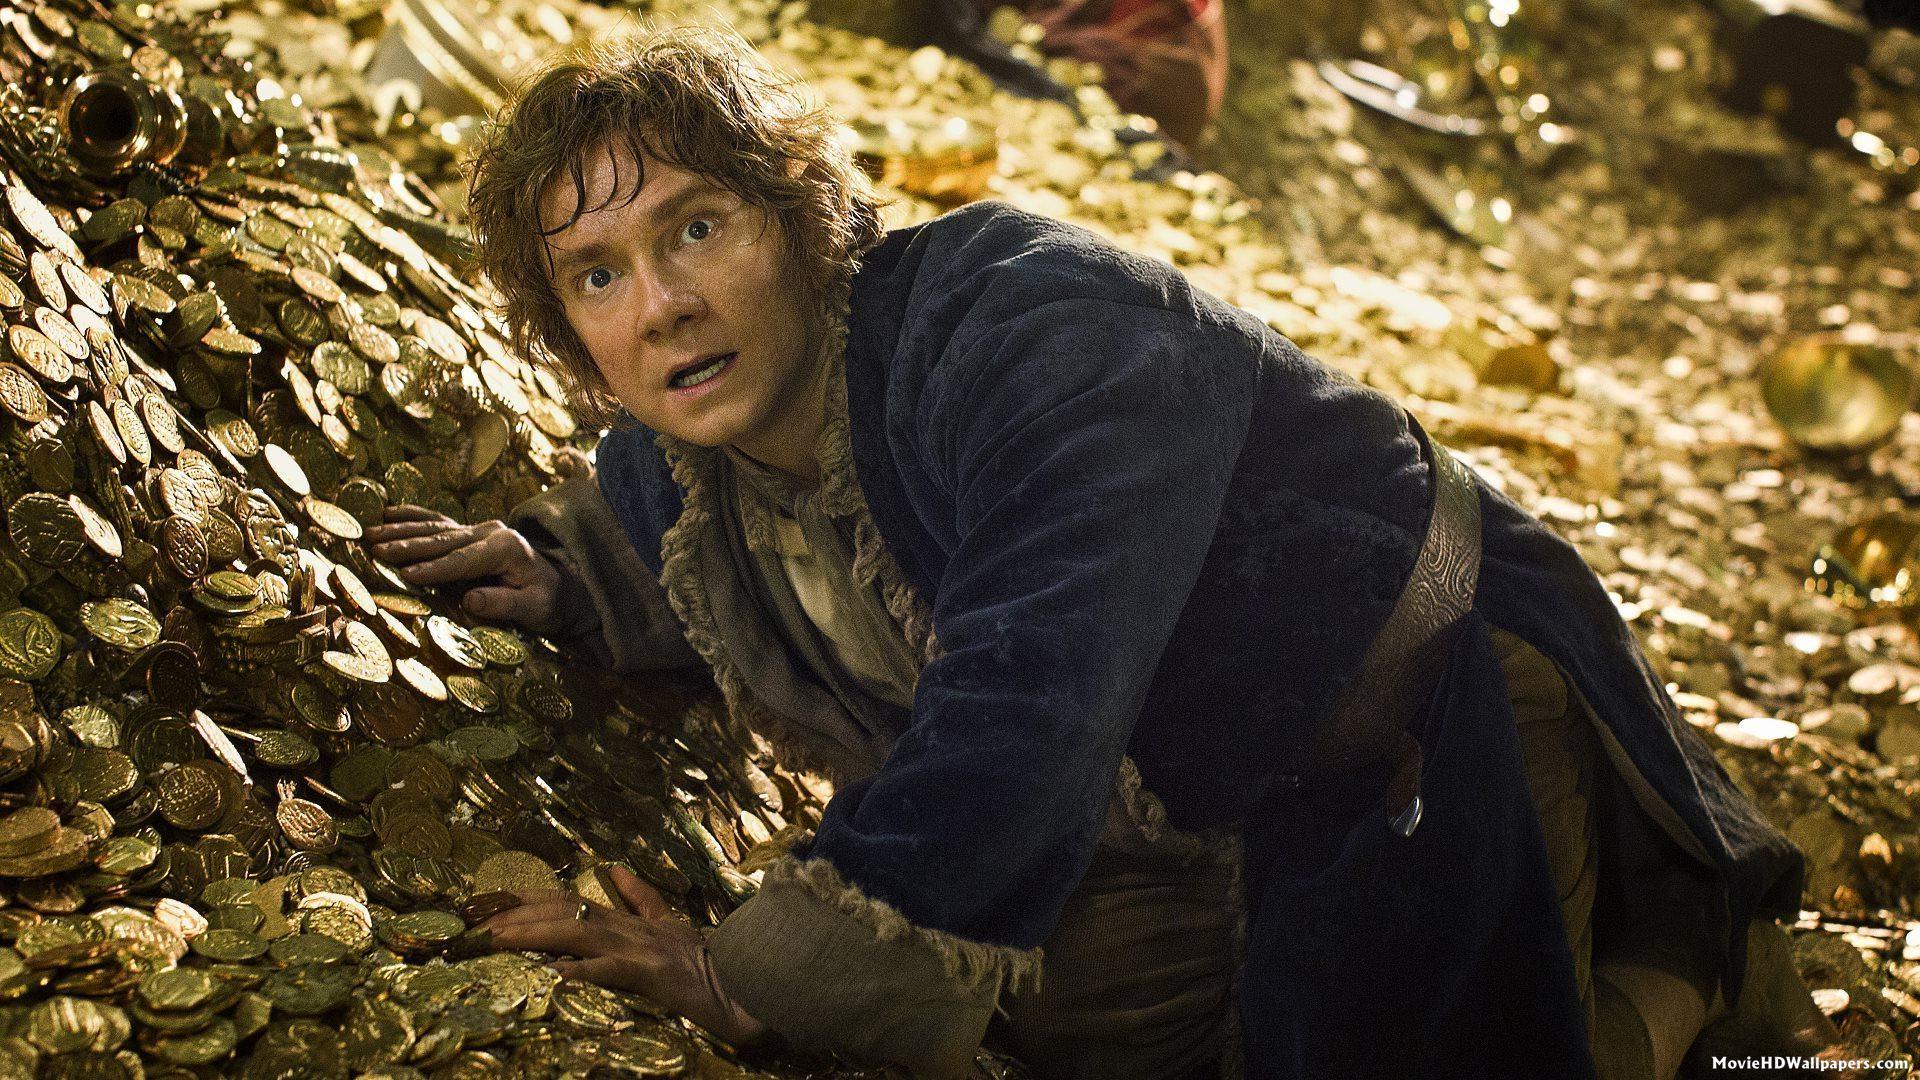 The-Hobbit-The-Desolation-of-Smaug-Pics.jpg